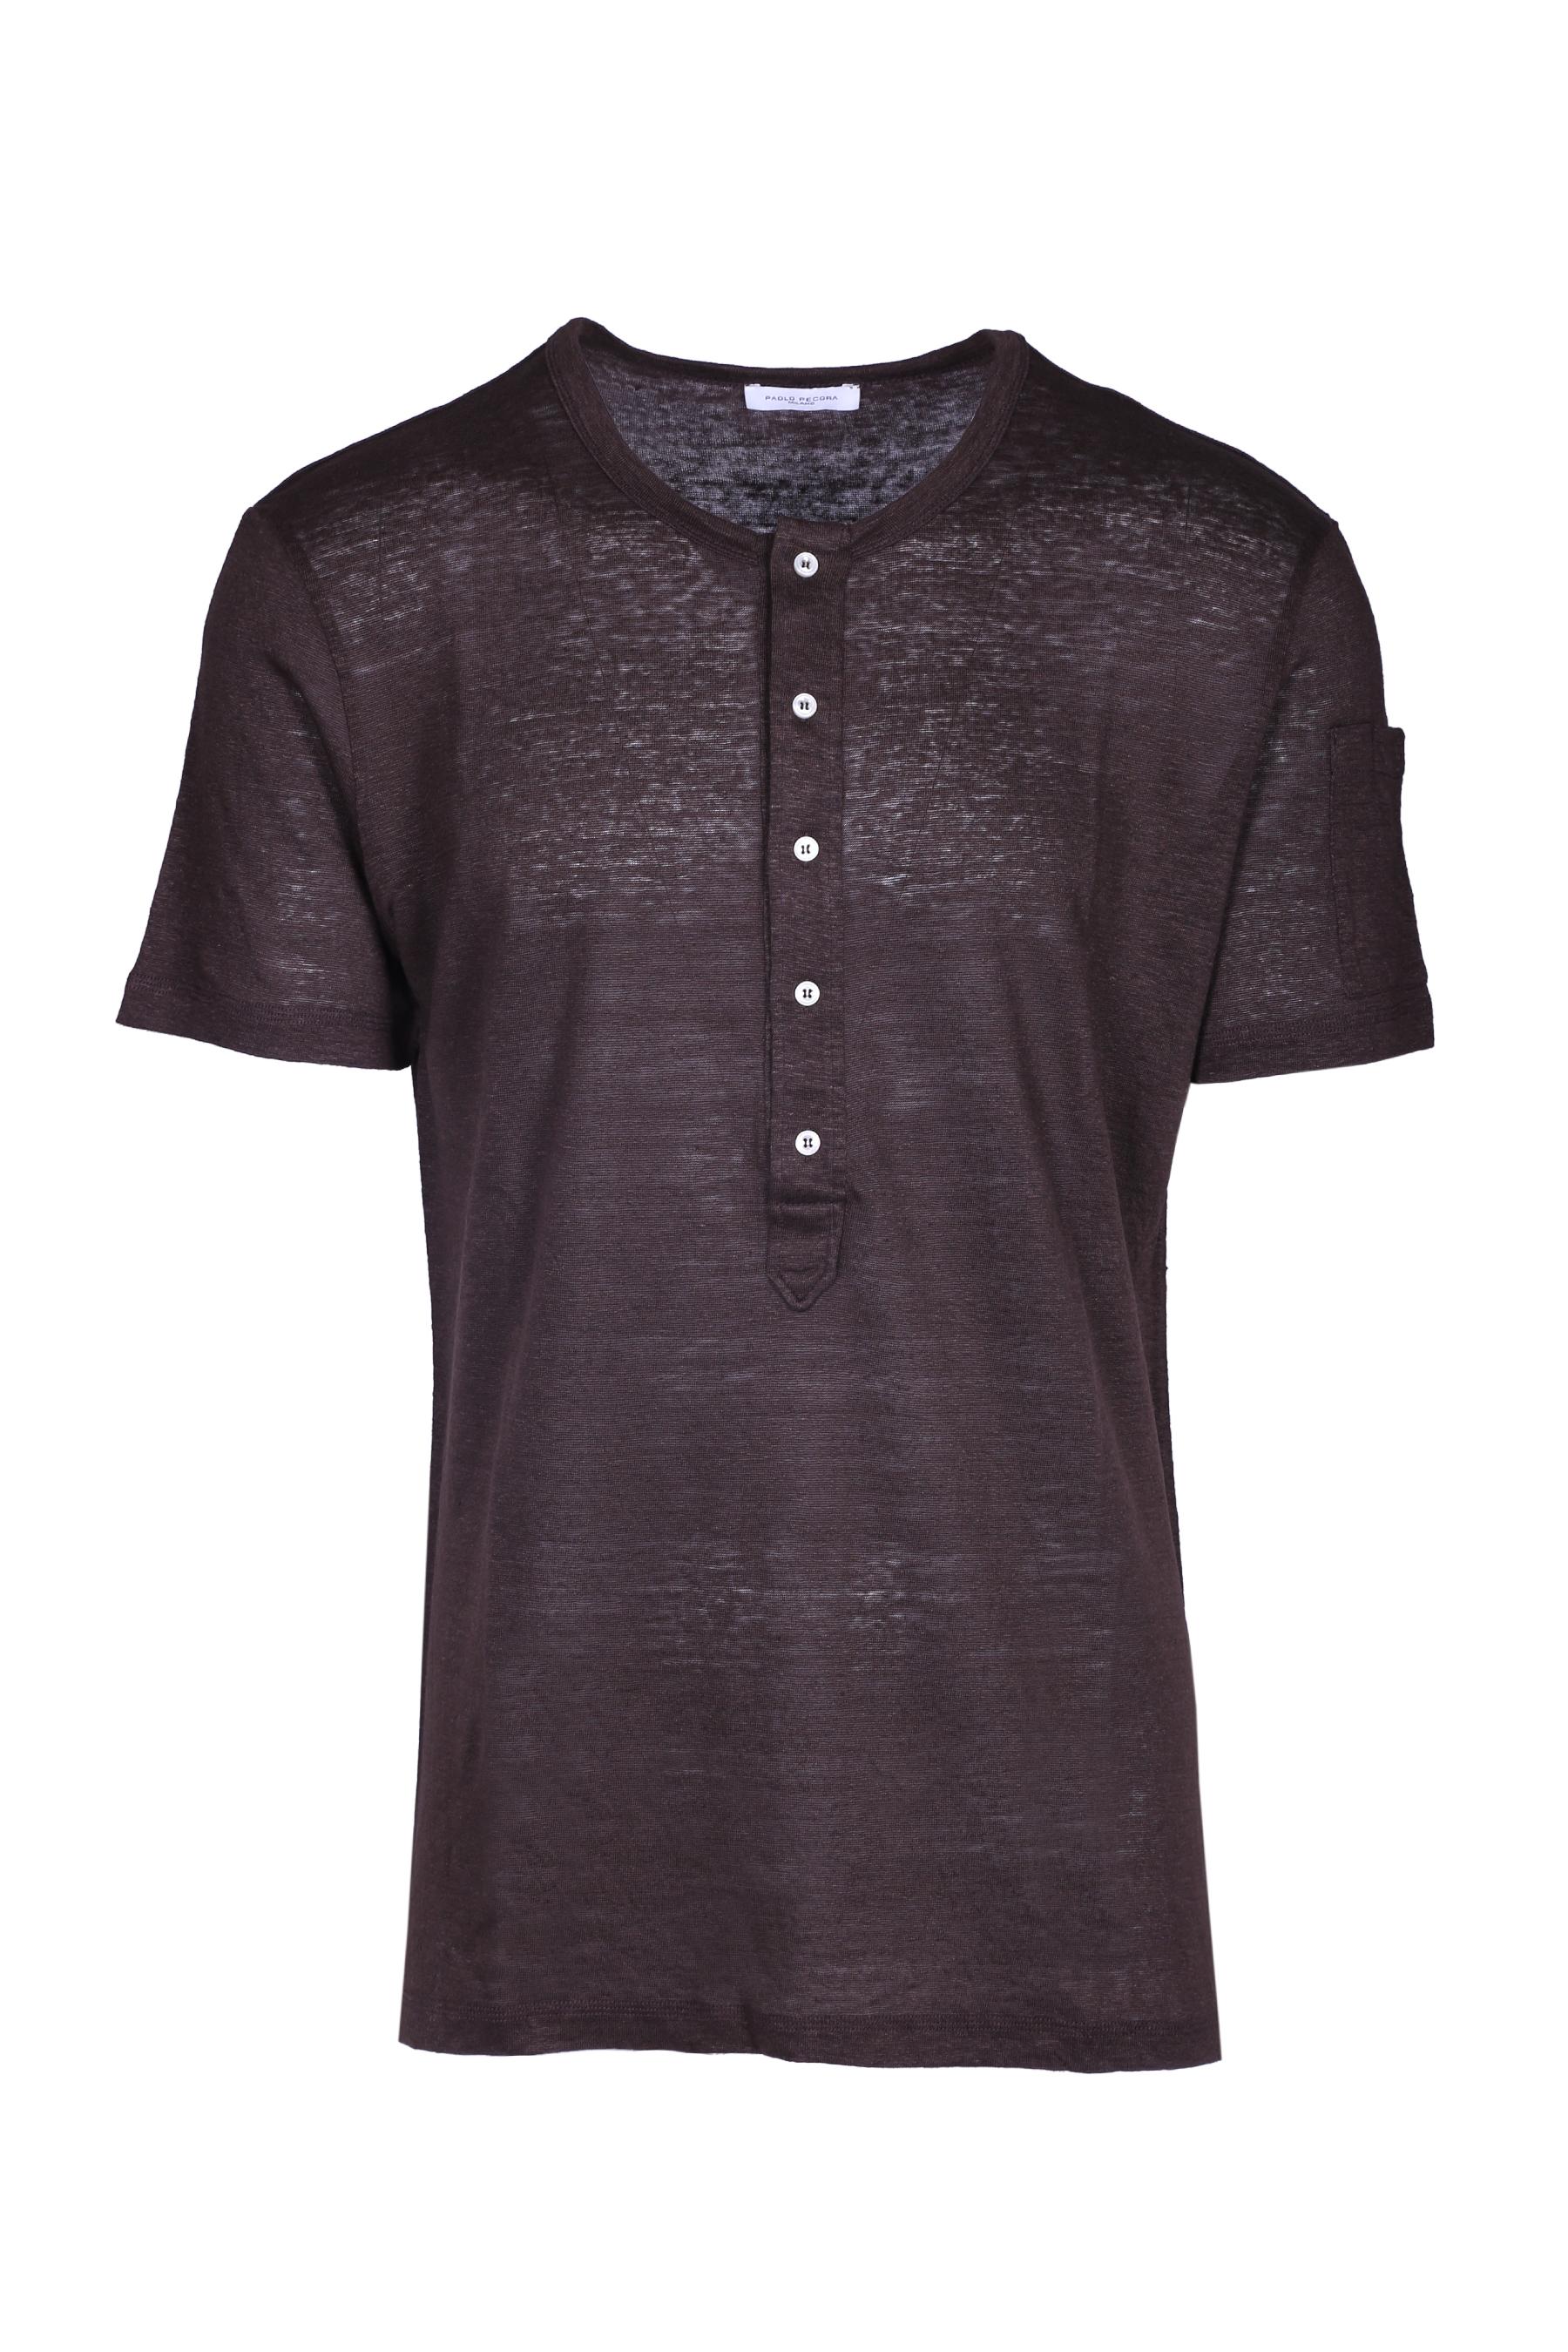 b0450a1121ca Pure linen t-shirt PAOLO PECORA | T-shirts | F111 48482186